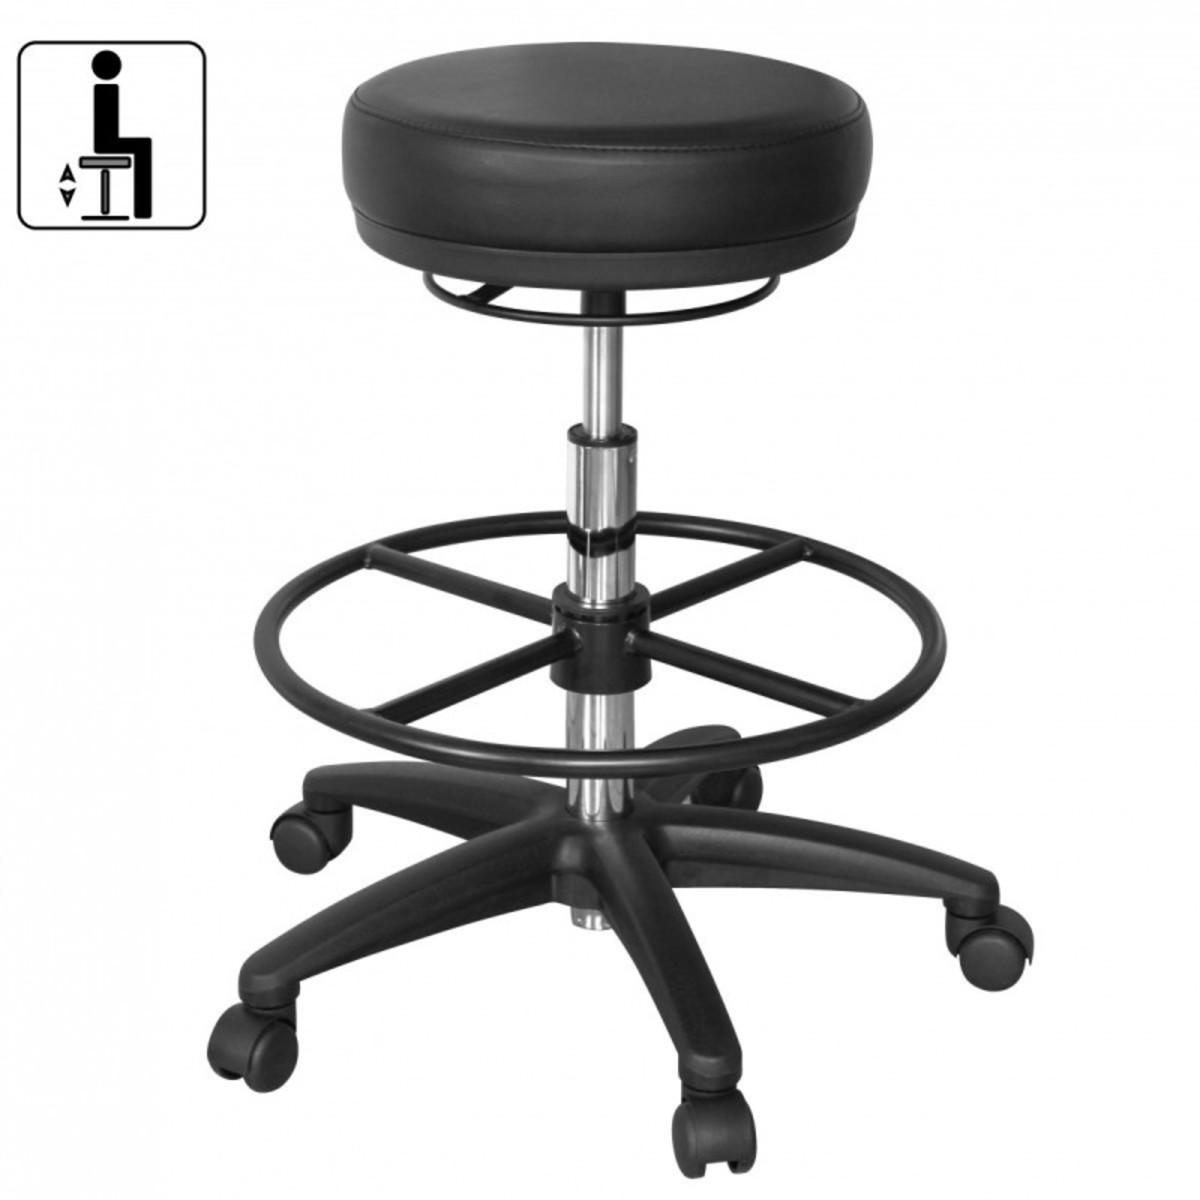 Bild 3 von AMSTYLE Arbeitshocker ROLAND Schwarz Rund Sitzhocker Rollen gebremst Arbeitsstuhl 120 KG Hocker höhe